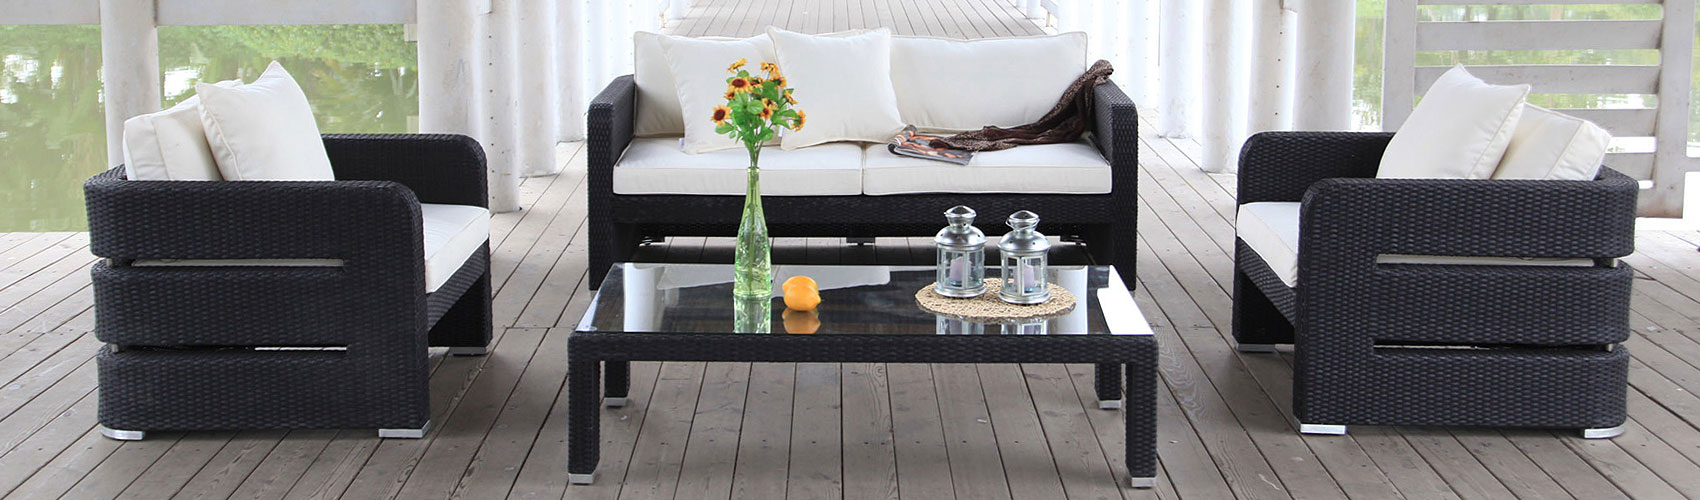 kissen box zur aufbewahrung der sitzkissen ihrer rattan lounge rattan gartenm bel. Black Bedroom Furniture Sets. Home Design Ideas